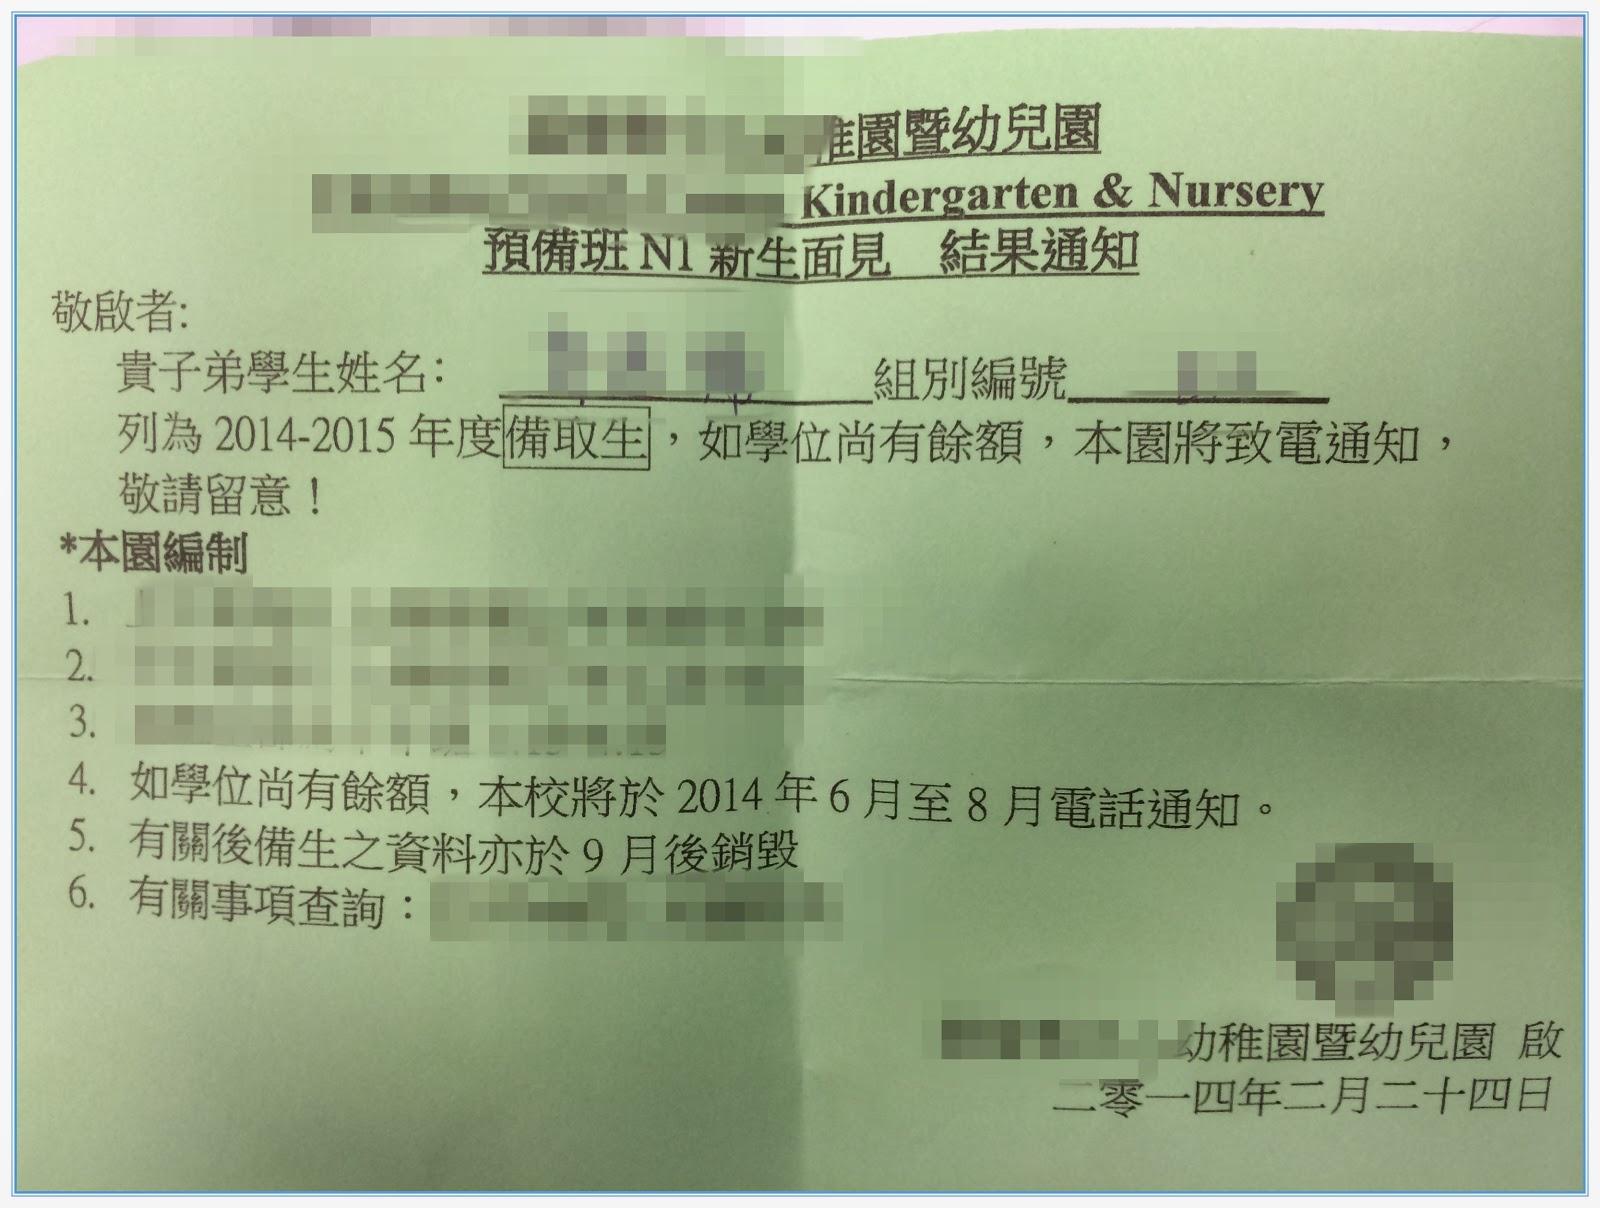 offer letter 中文 版